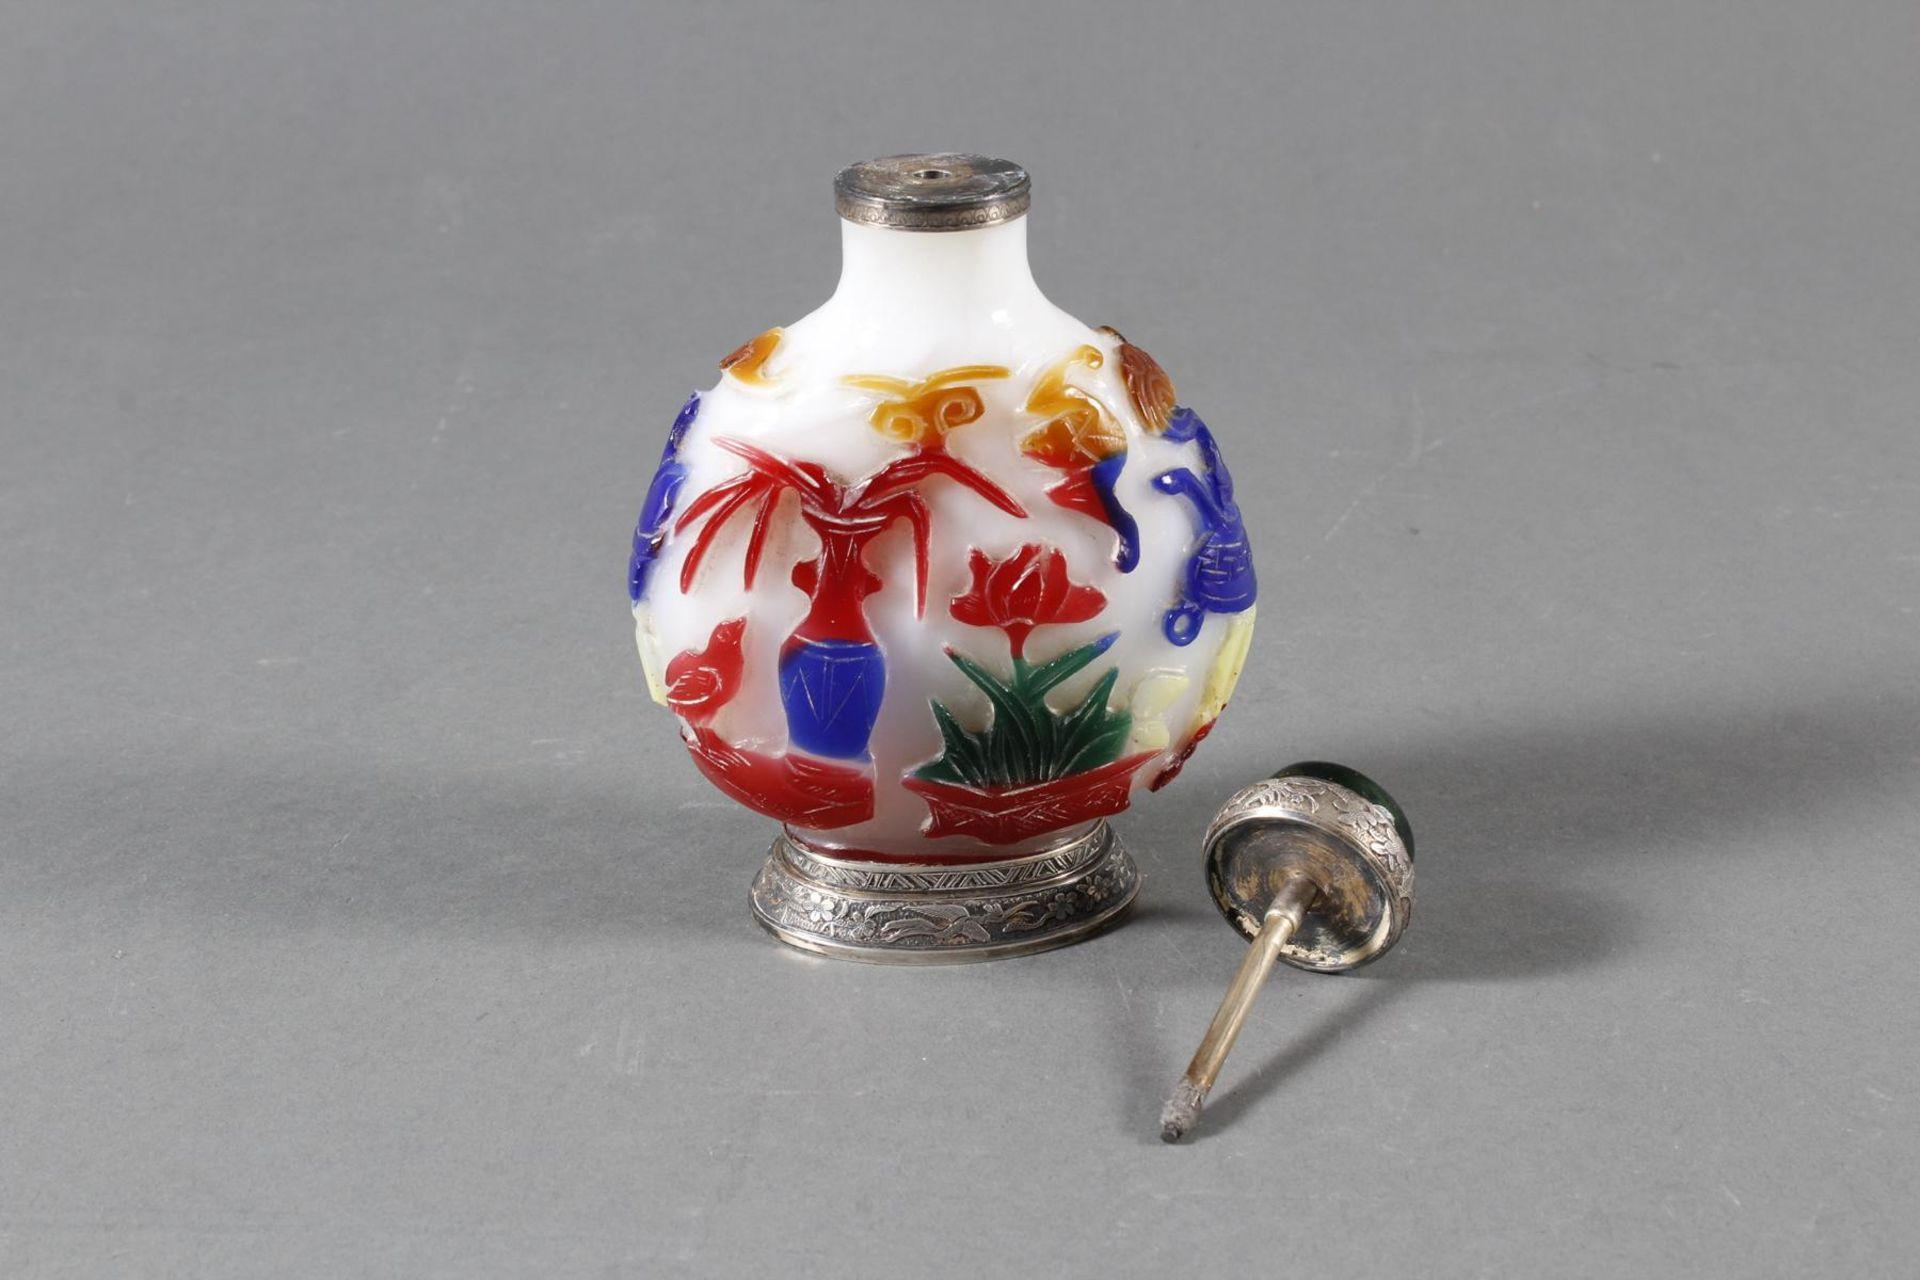 Snuff bottle, Überfangglas mit Silbermontur, China Anfang 20. Jahrhundert - Bild 7 aus 12